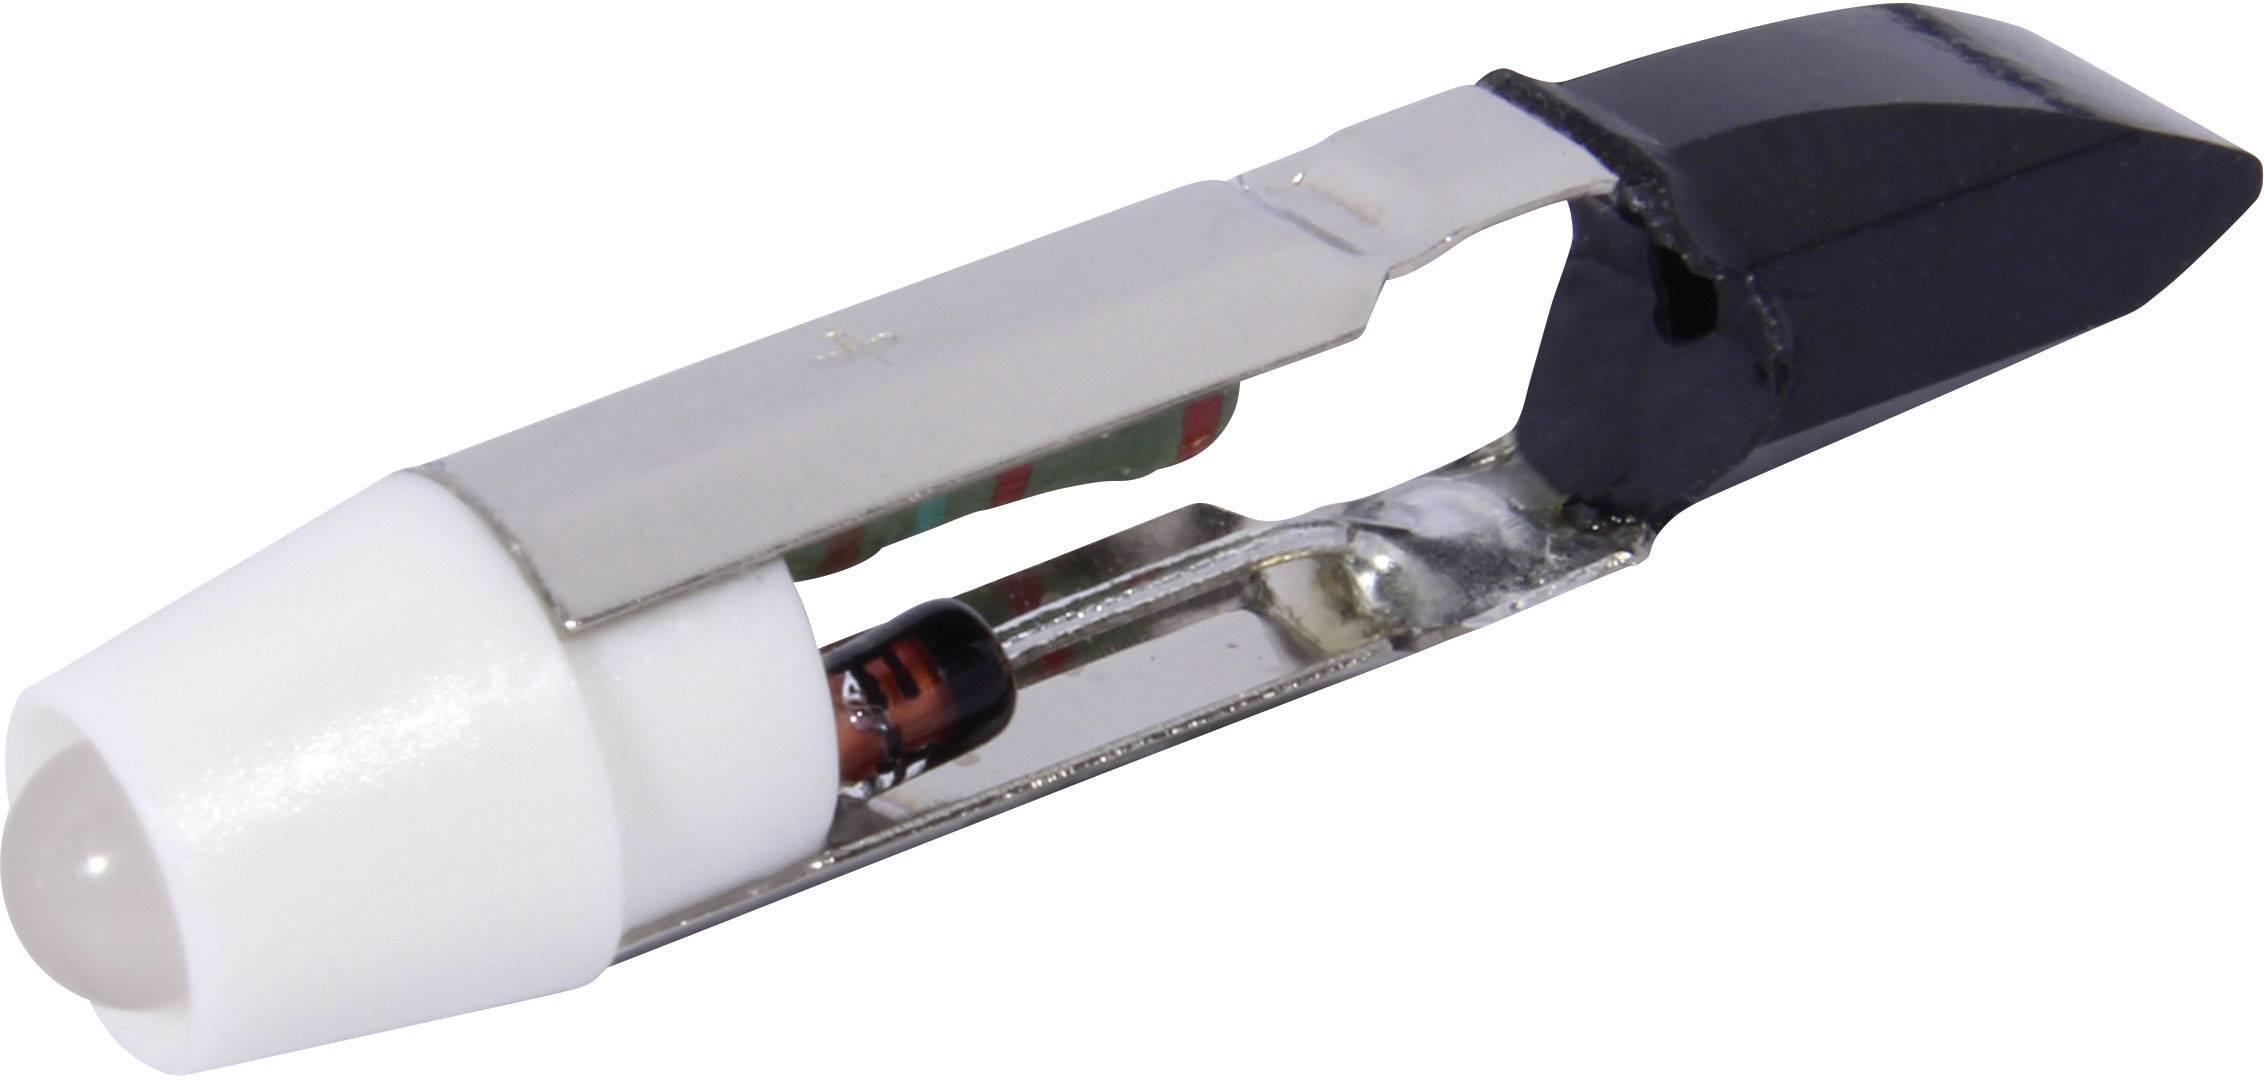 LEDžiarovka CML 1505135W3, T5.5, 24 V/DC, 24 V/AC, 1500 mcd, chladná biela